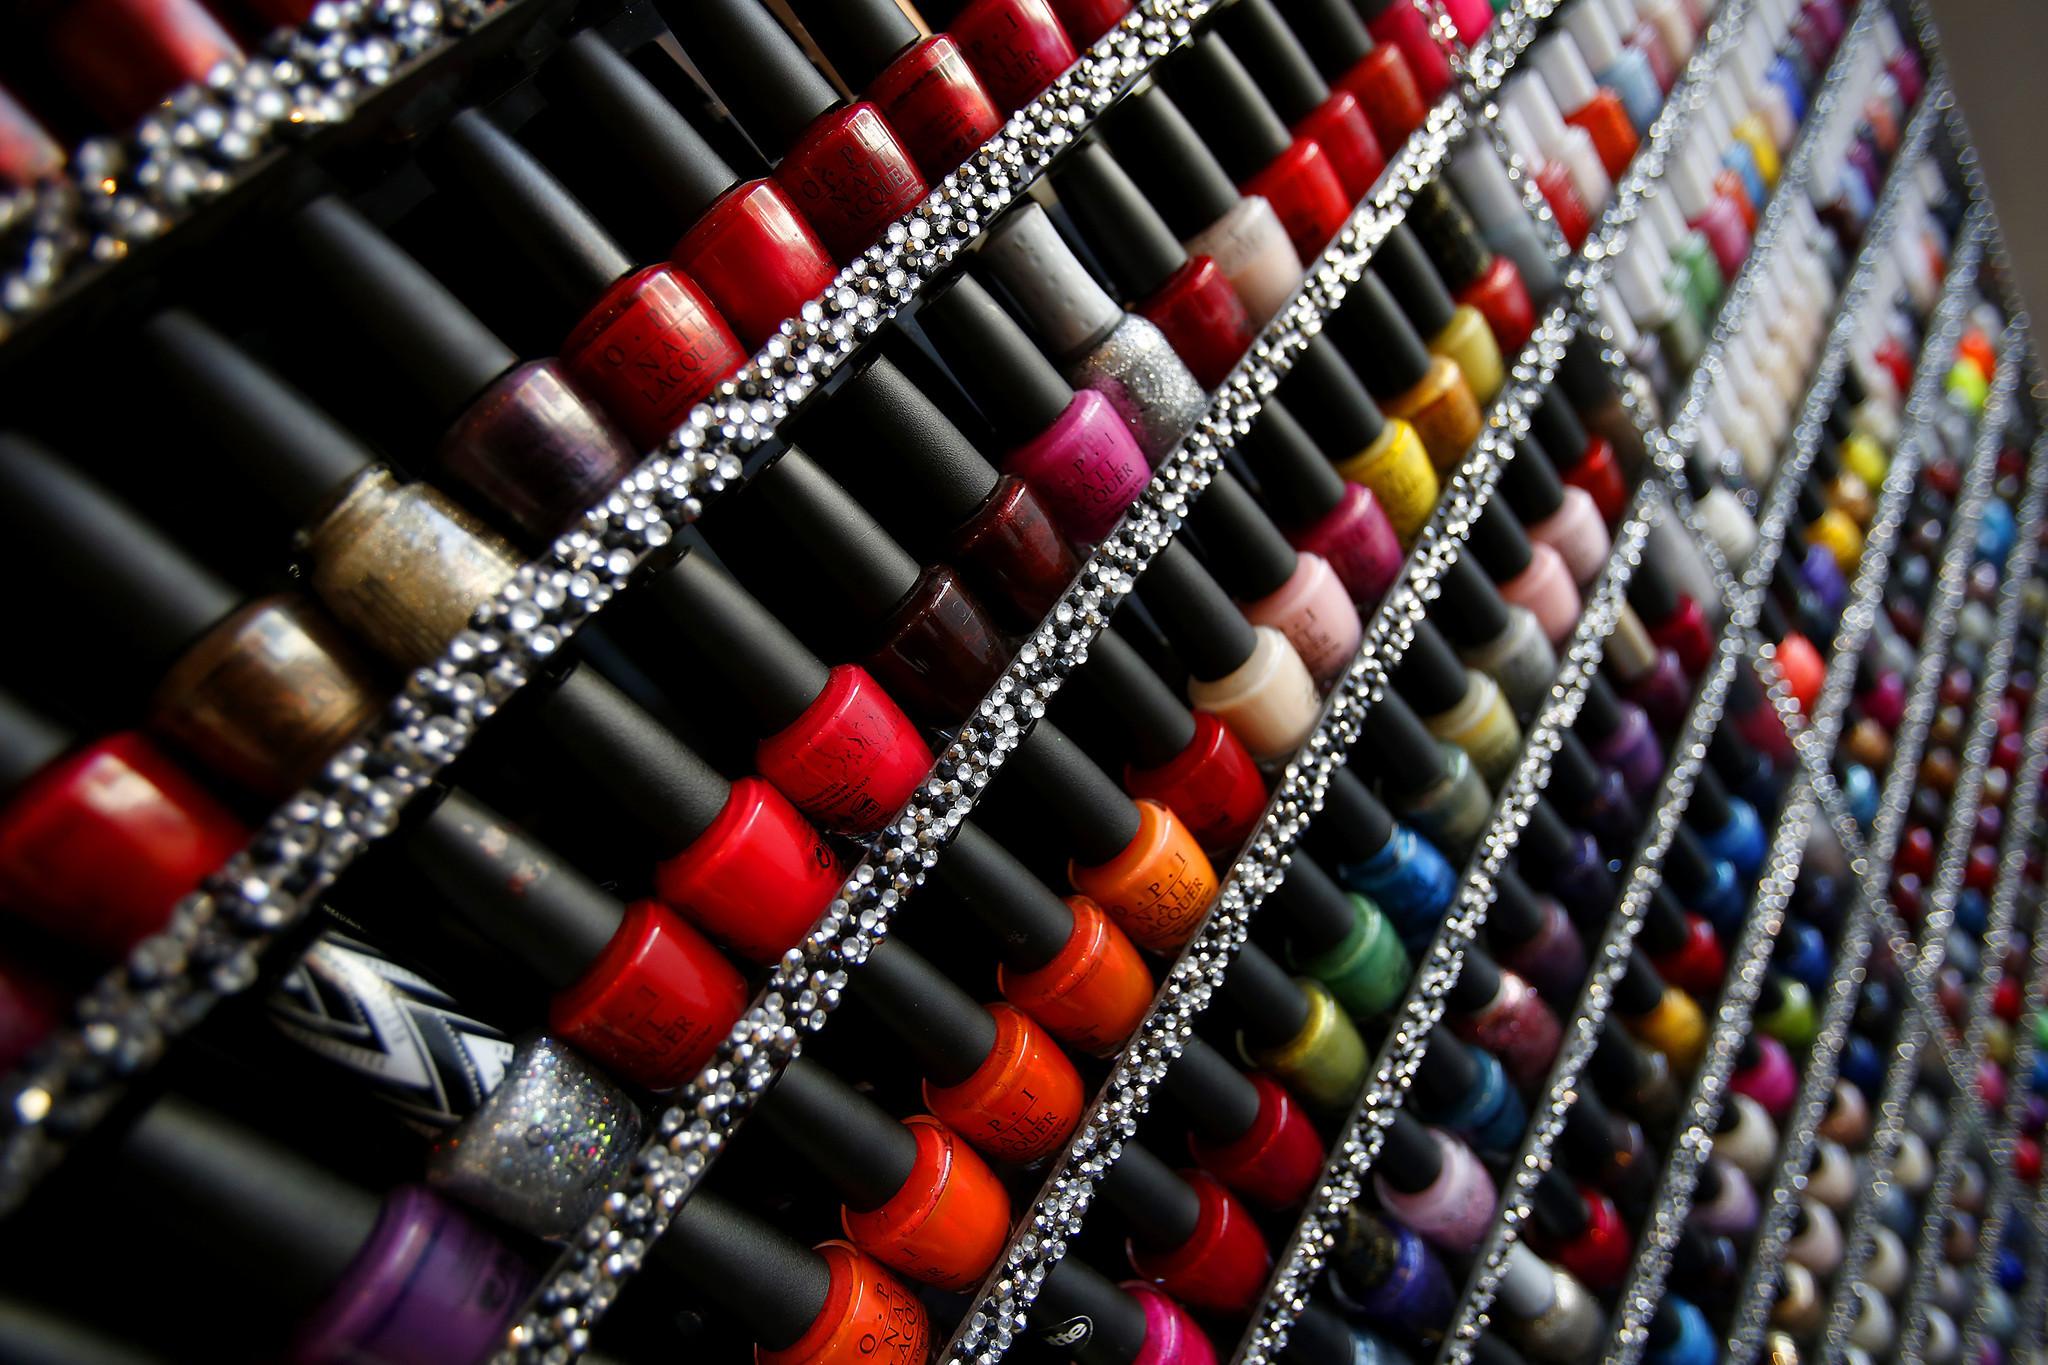 OPI to move nail polish manufacturing from North Hollywood to North Carolina